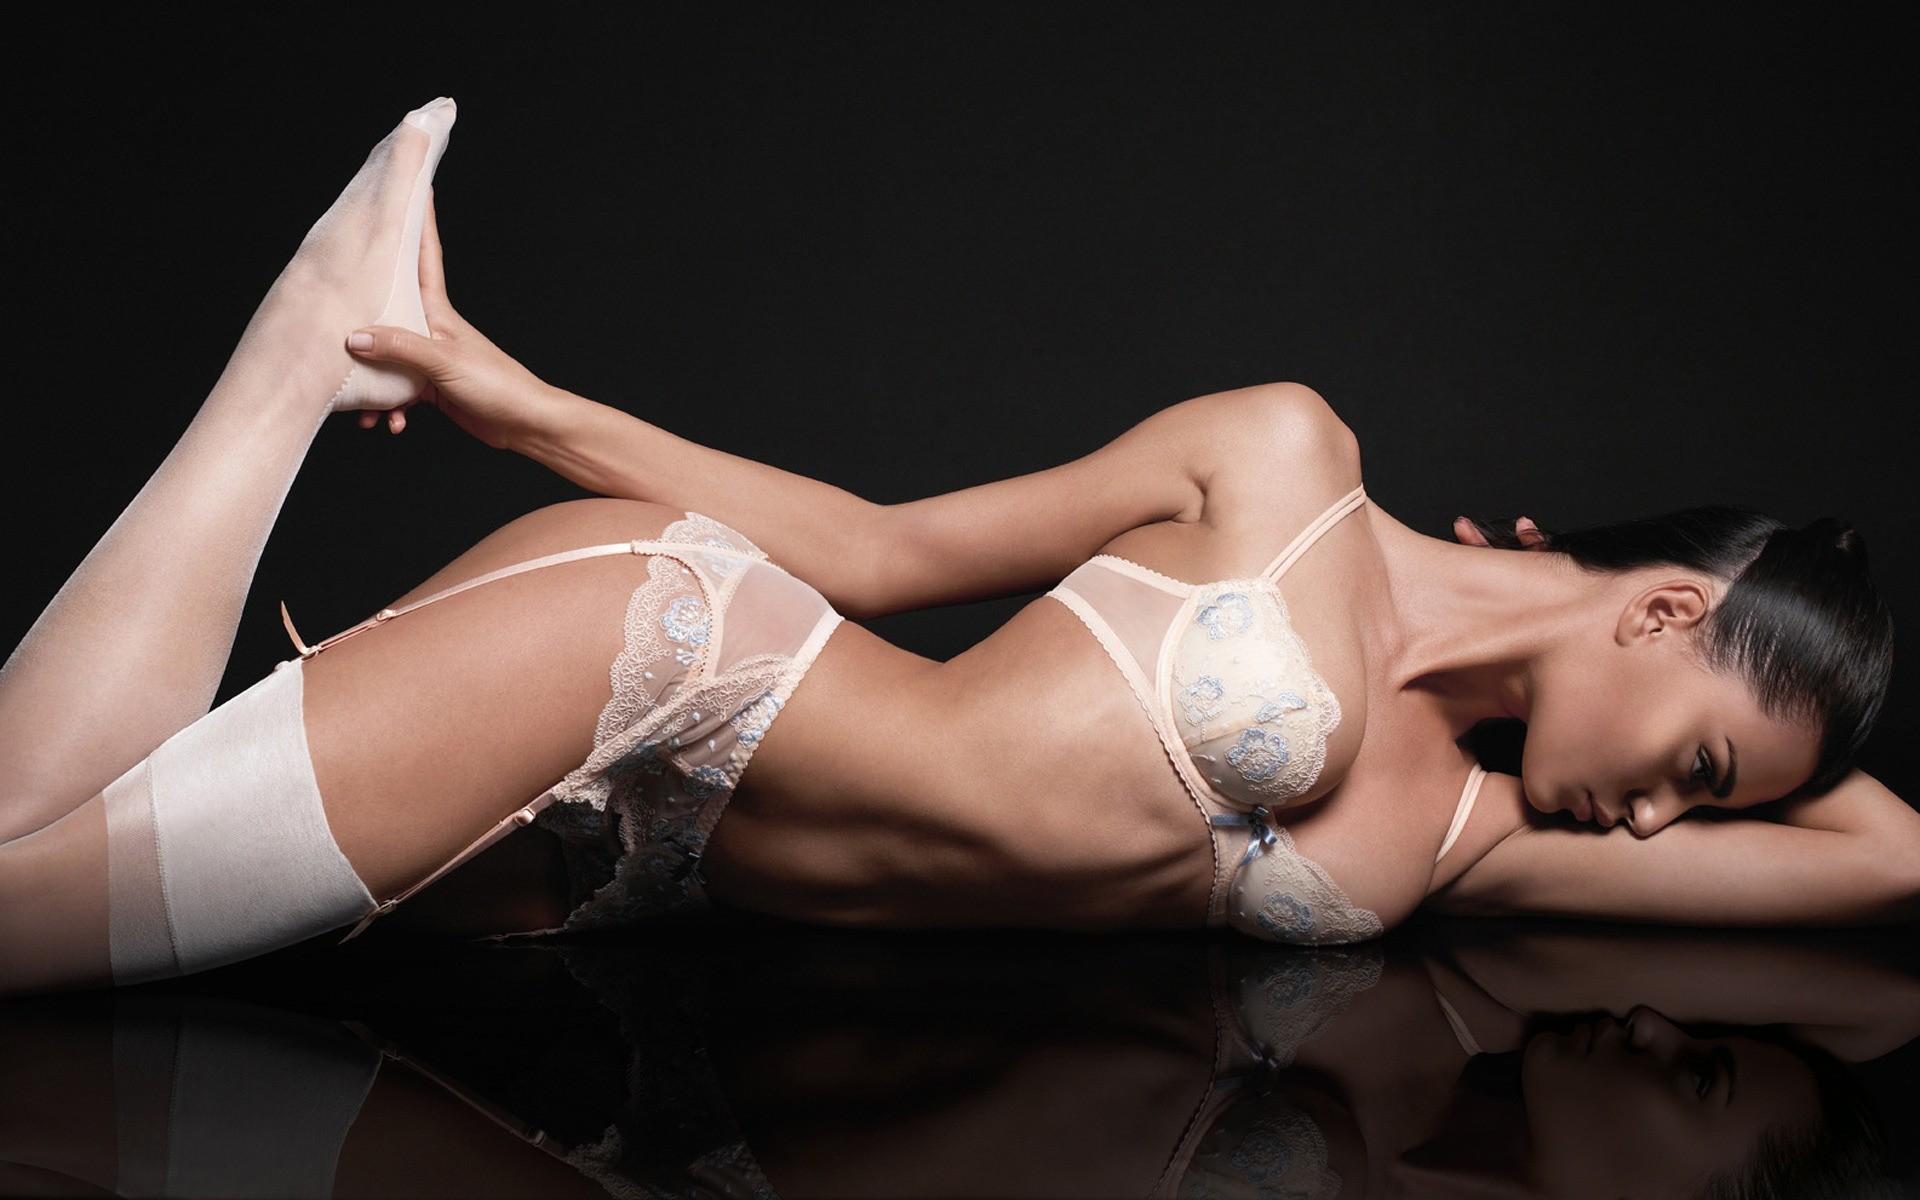 Секс красотки в белье, Красотки Женское белье Видео по категории и тэгу 18 фотография